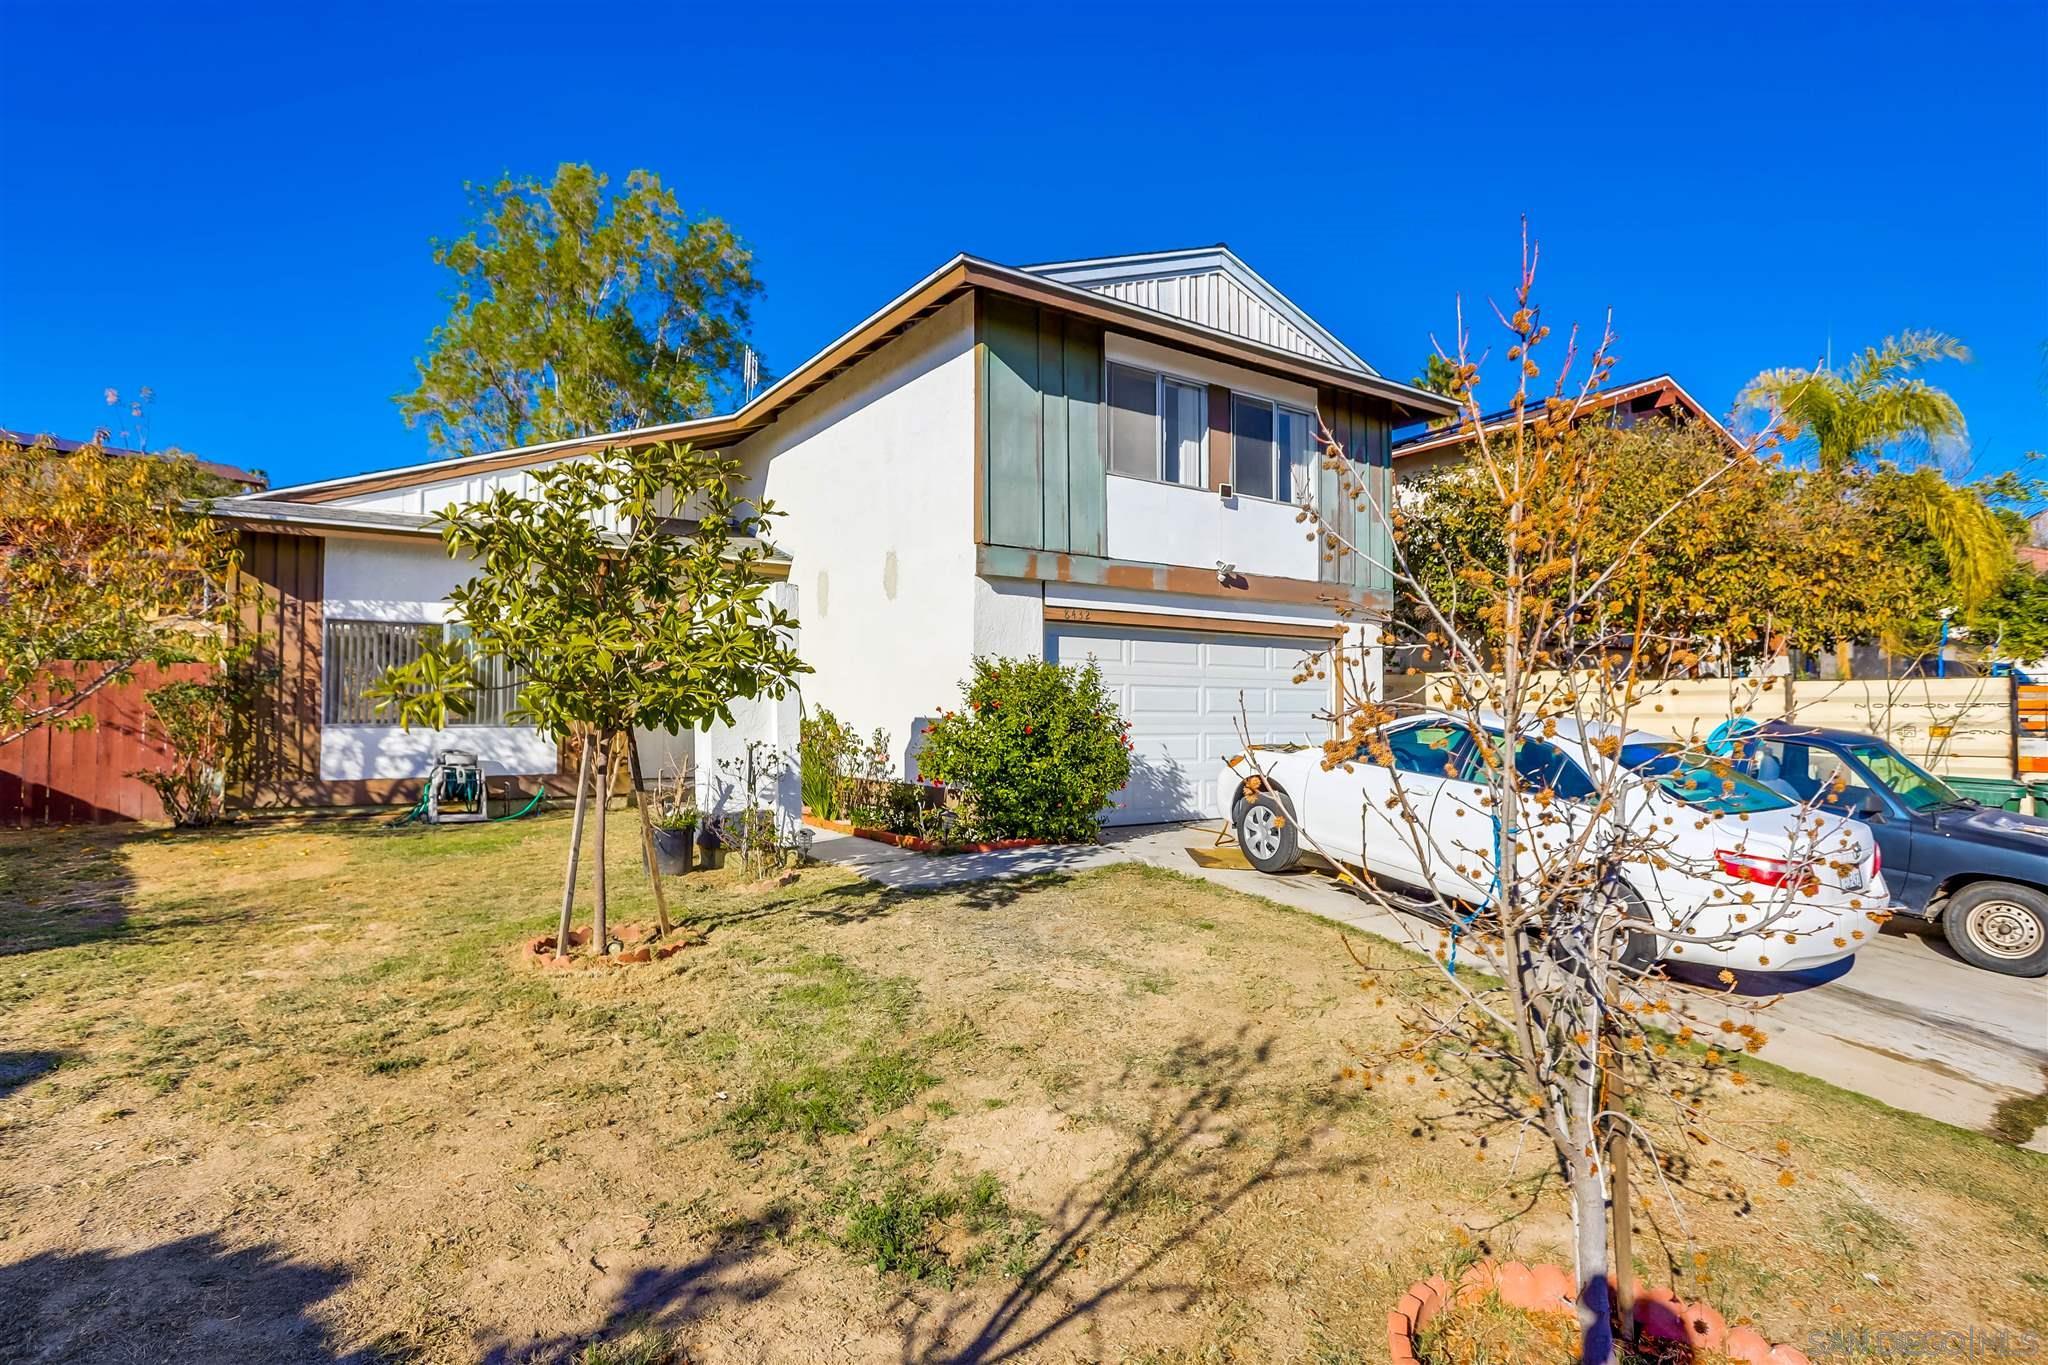 8432 Blossom Hill Dr, Lemon Grove, CA 91945